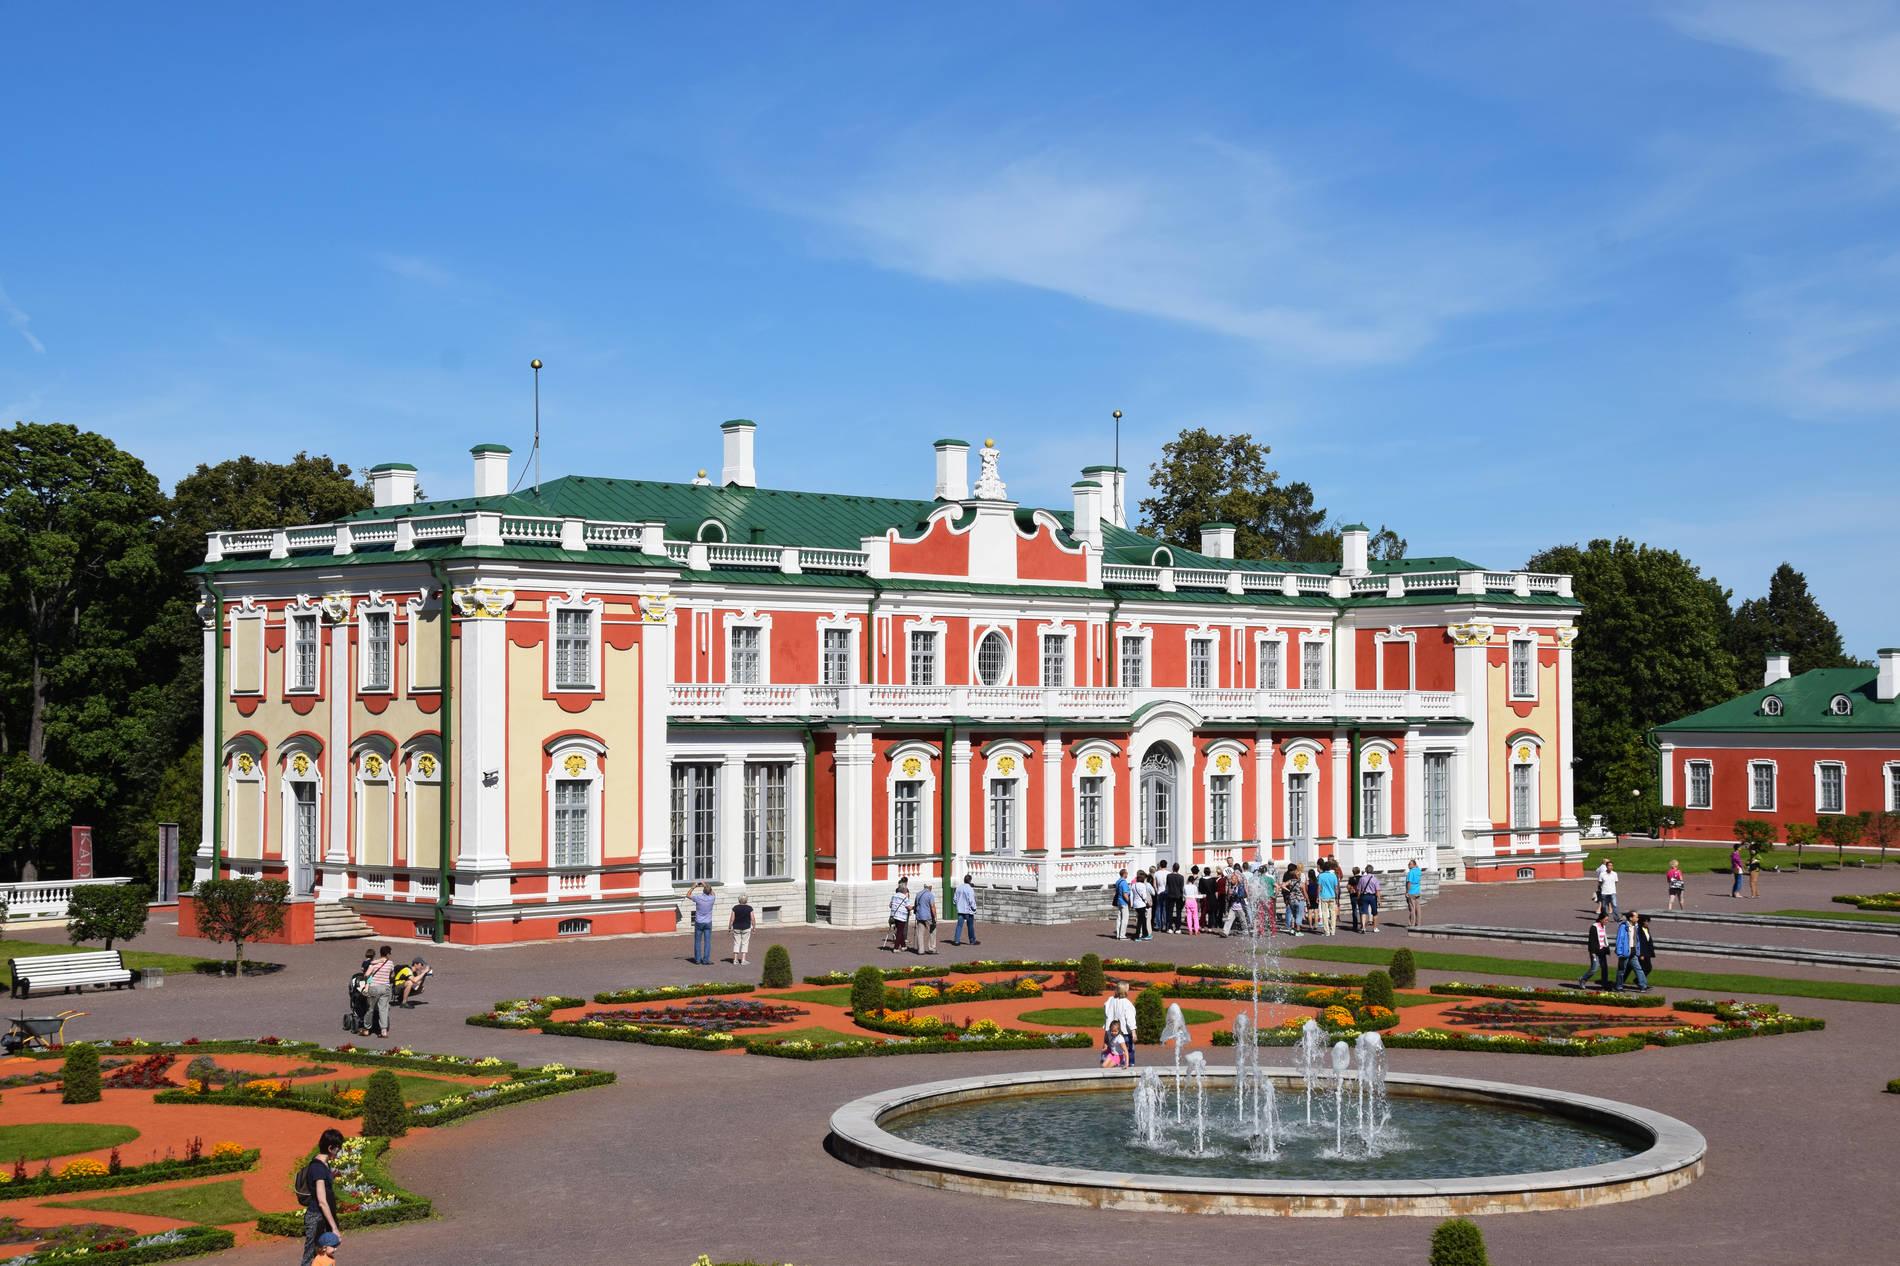 Kadriorg Palace in Kadriorg, Tallinn, Estonia